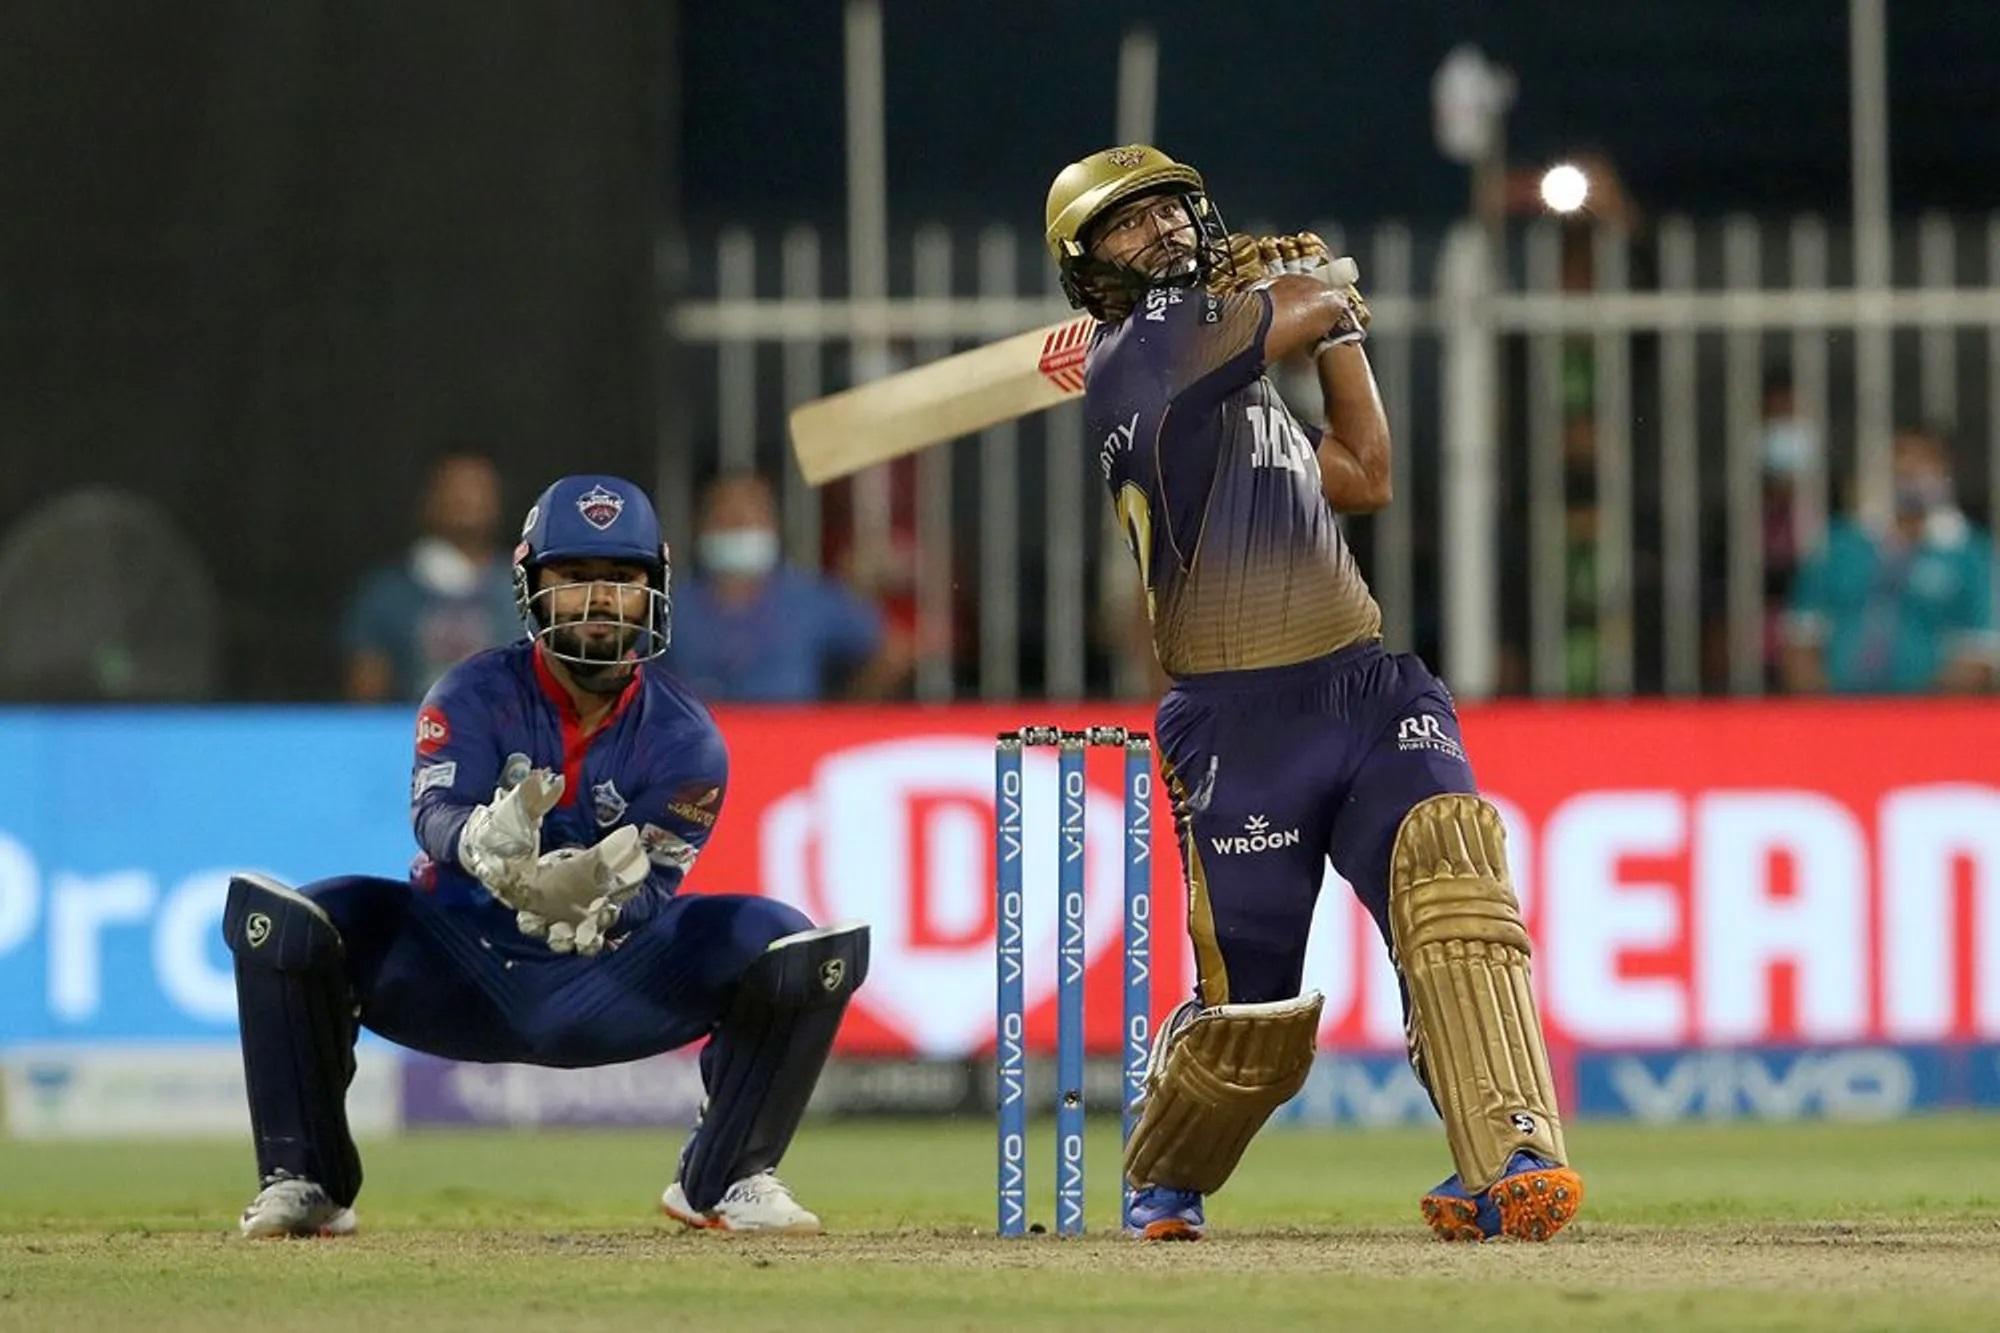 इस मैच की यही कहानी रही। कोलकाता ने आखिरी के चार ओवर में अपनी हार सुनिश्चित करने की एक कसर नहीं छोड़ी थी। महज 8 रन के भीतर 6 टॉप ऑर्डर बैट्समैन वापस जाकर बैठ चुके थे, लेकिन दिल्ली ने इतनी गलतियां कीं कि उन्हें जीत गिफ्ट में मिल गई। जिस मार्कस को दिल्ली ने ऐसी कठिन परिस्थिति के लिए खिलाया था वो आखिरी ओवर में मैदान में नहीं थे। आखिरी ओवर अश्विन करने आए और उन्हें राहुल त्रिपाठी ने 20वें ओवर की 5वीं गेंद पर एक शानदार छक्का लगाकर मैच अपने नाम कर लिया।